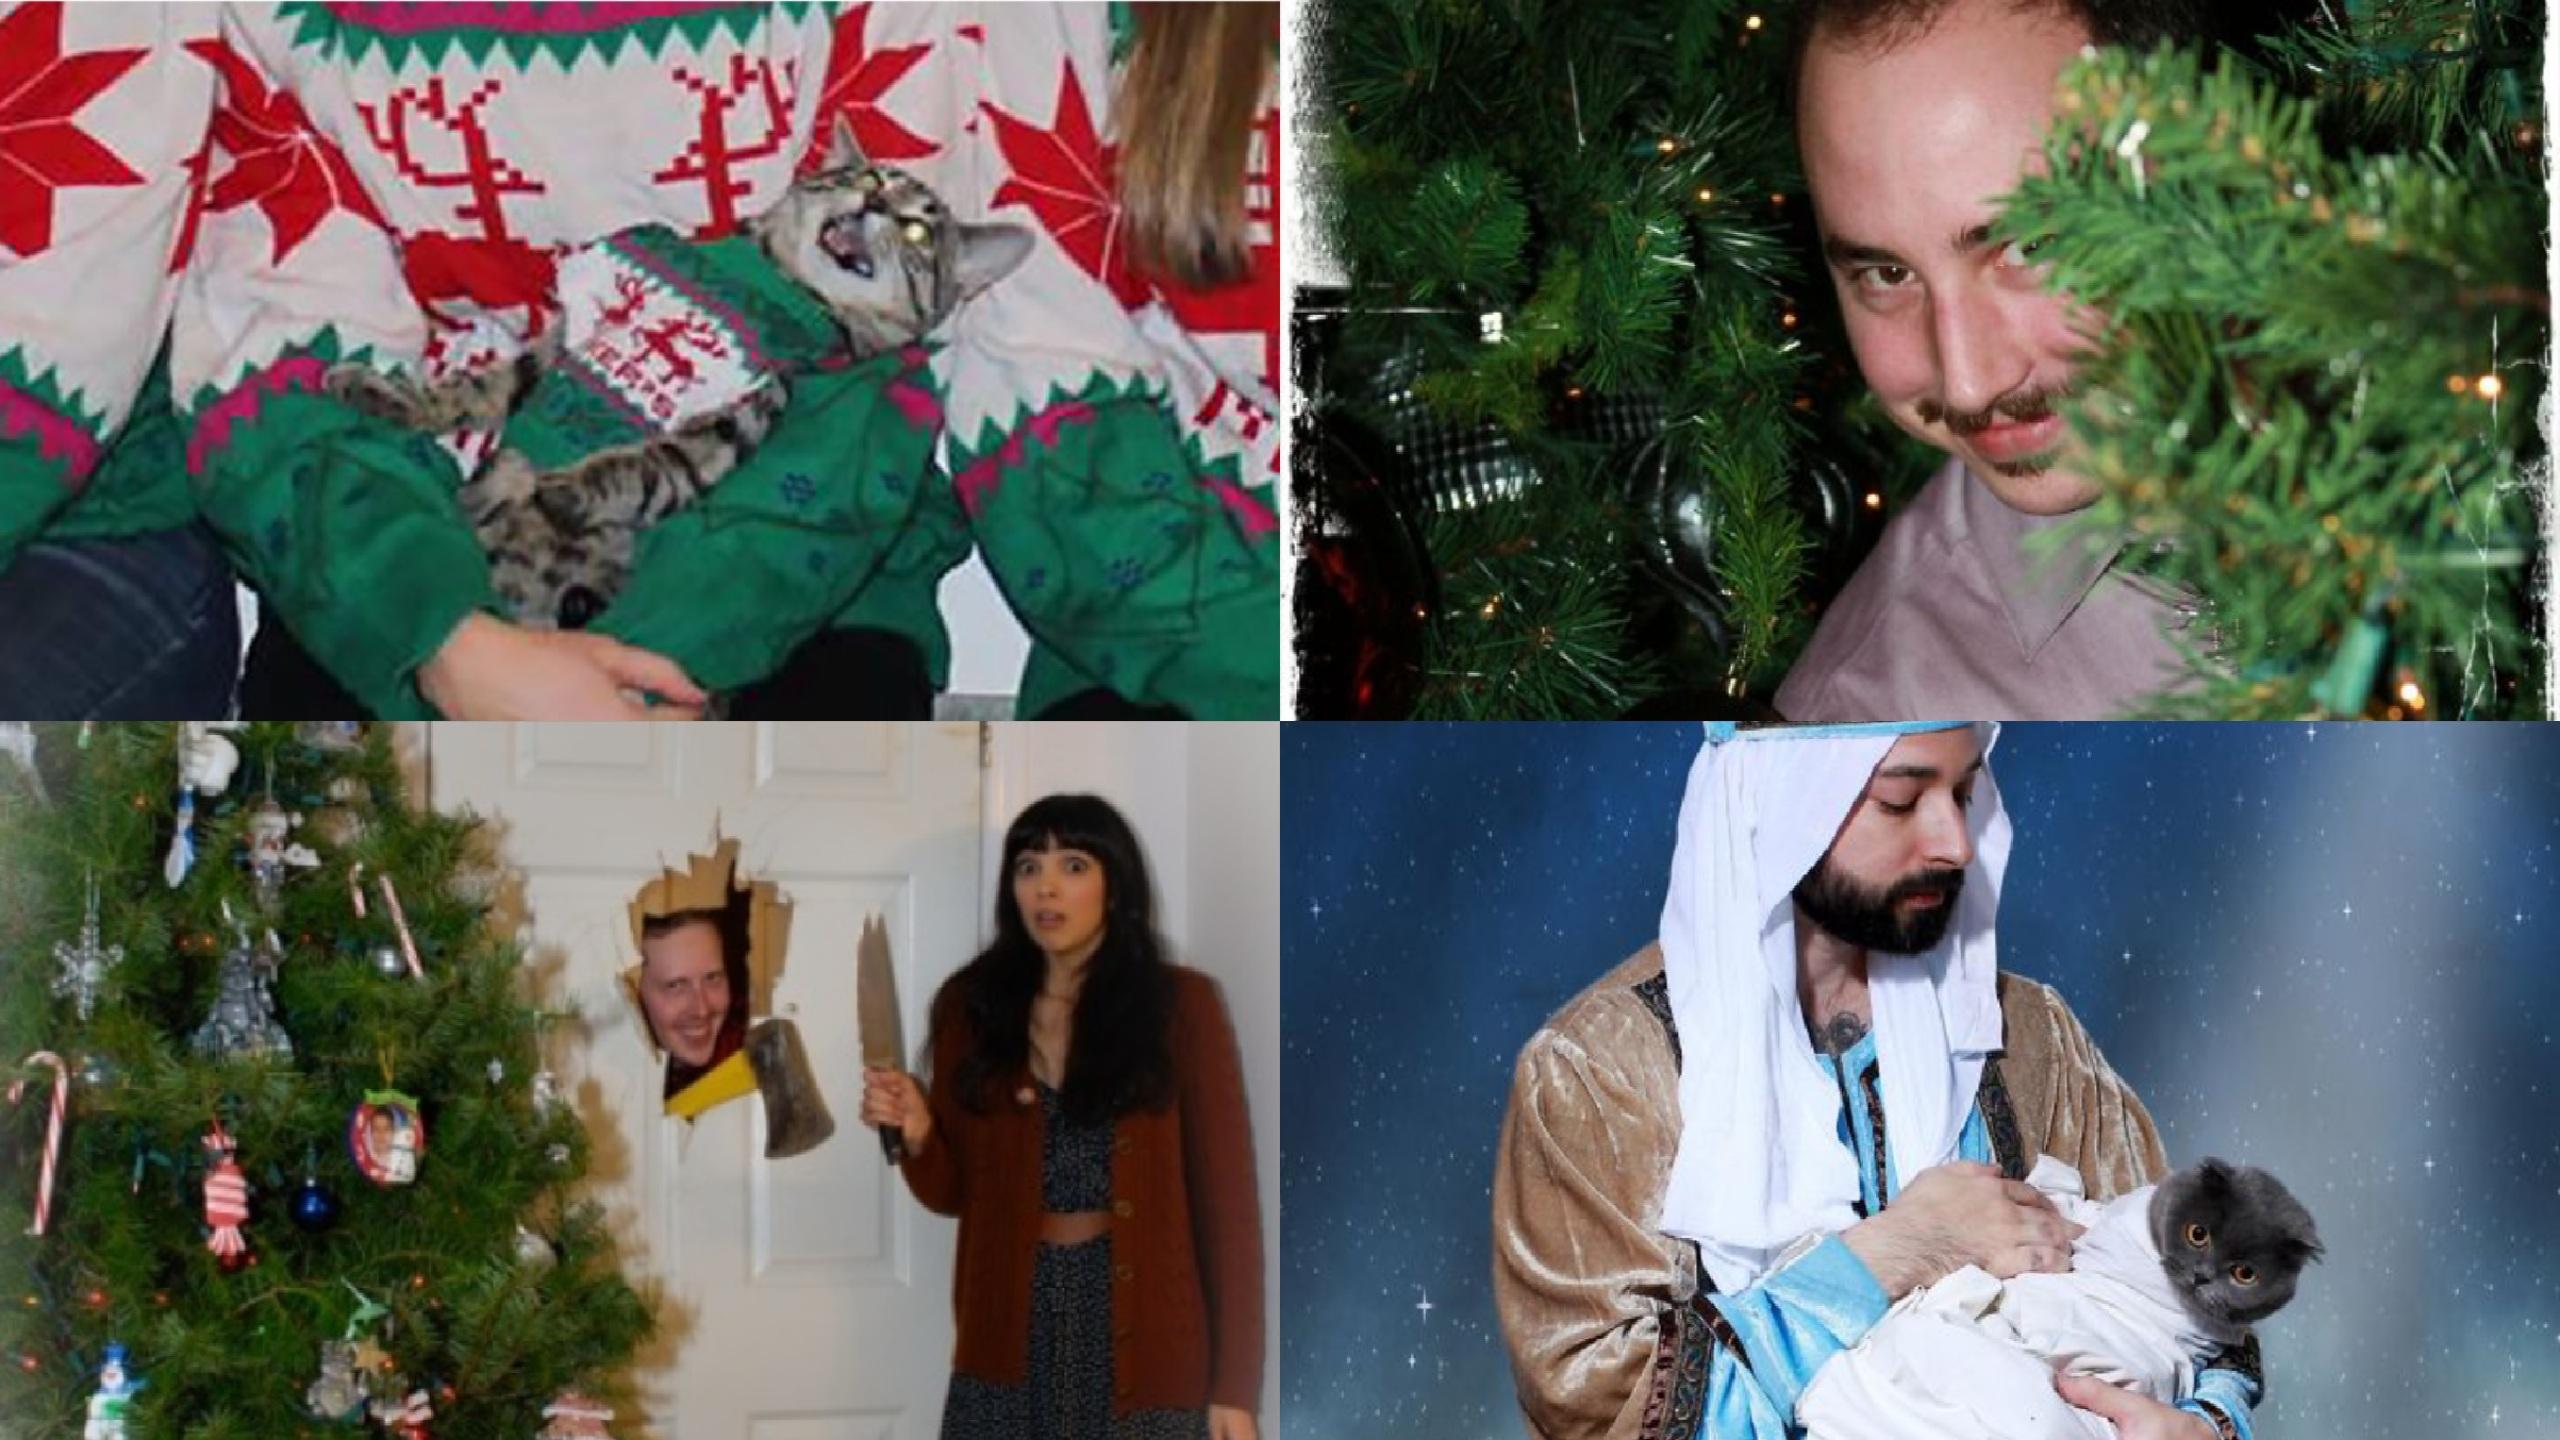 Fotos, Postales, Navidad, Tarjetas, Mejores, Regalos